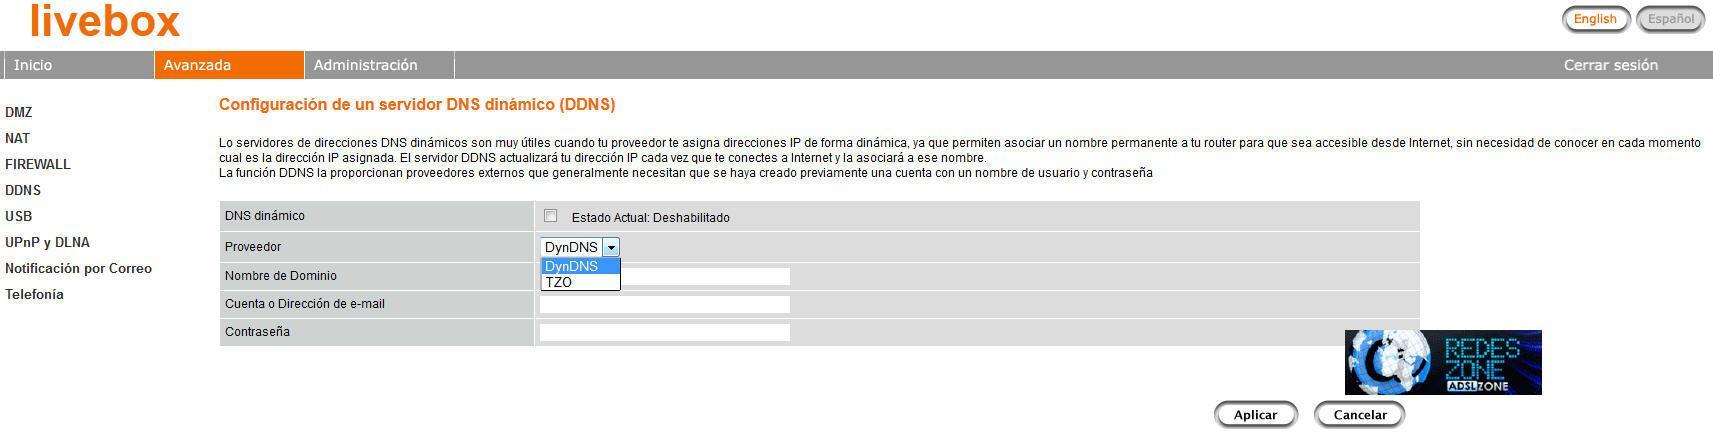 Nuevo router multimedia Livebox: Manual de configuración